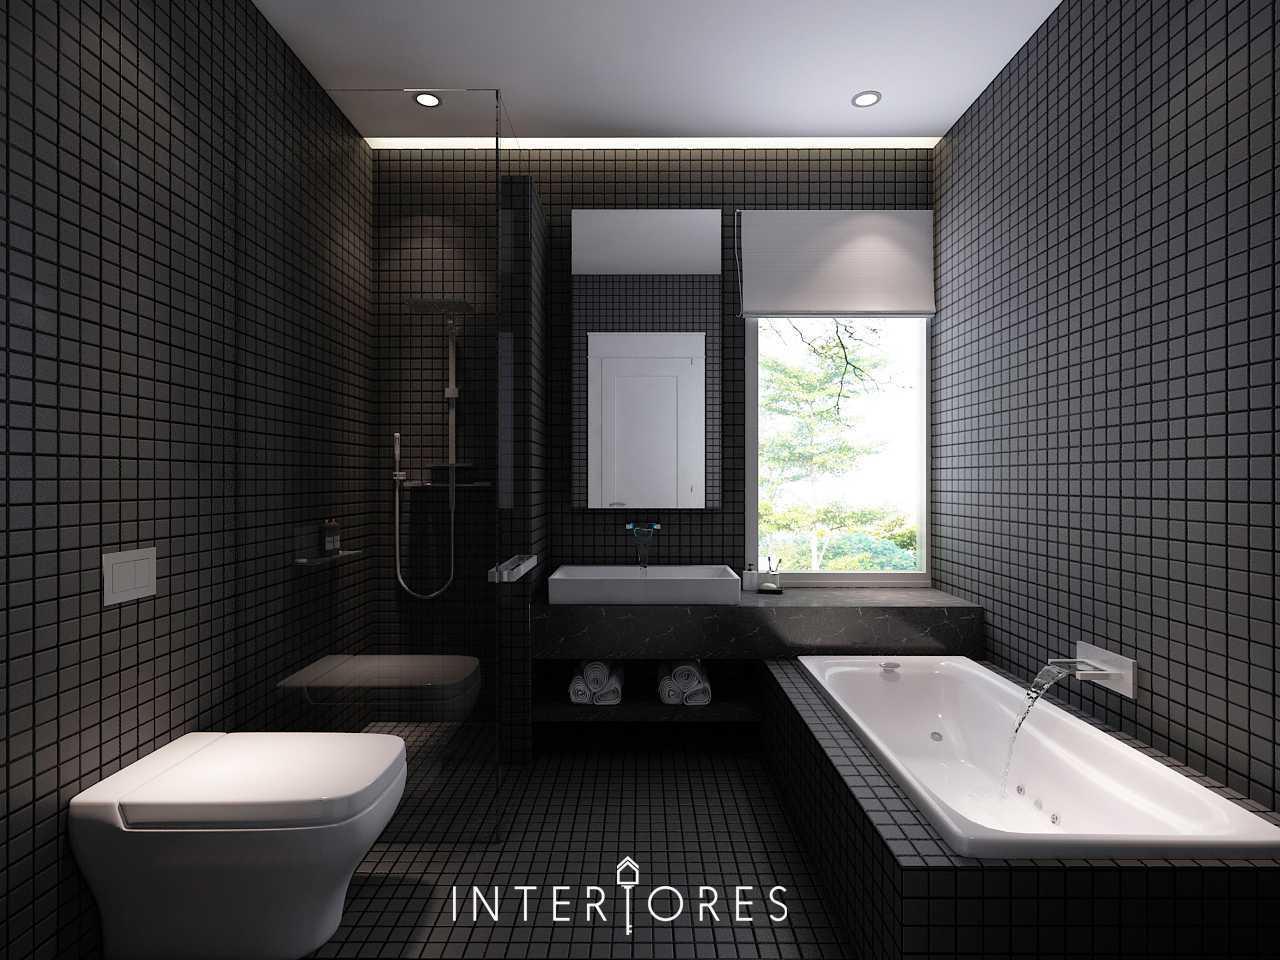 Interiores Interior Consultant & Build Sutera Onyx Alam Sutera Alam Sutera Kamar-Mandi-Utama Modern  17724